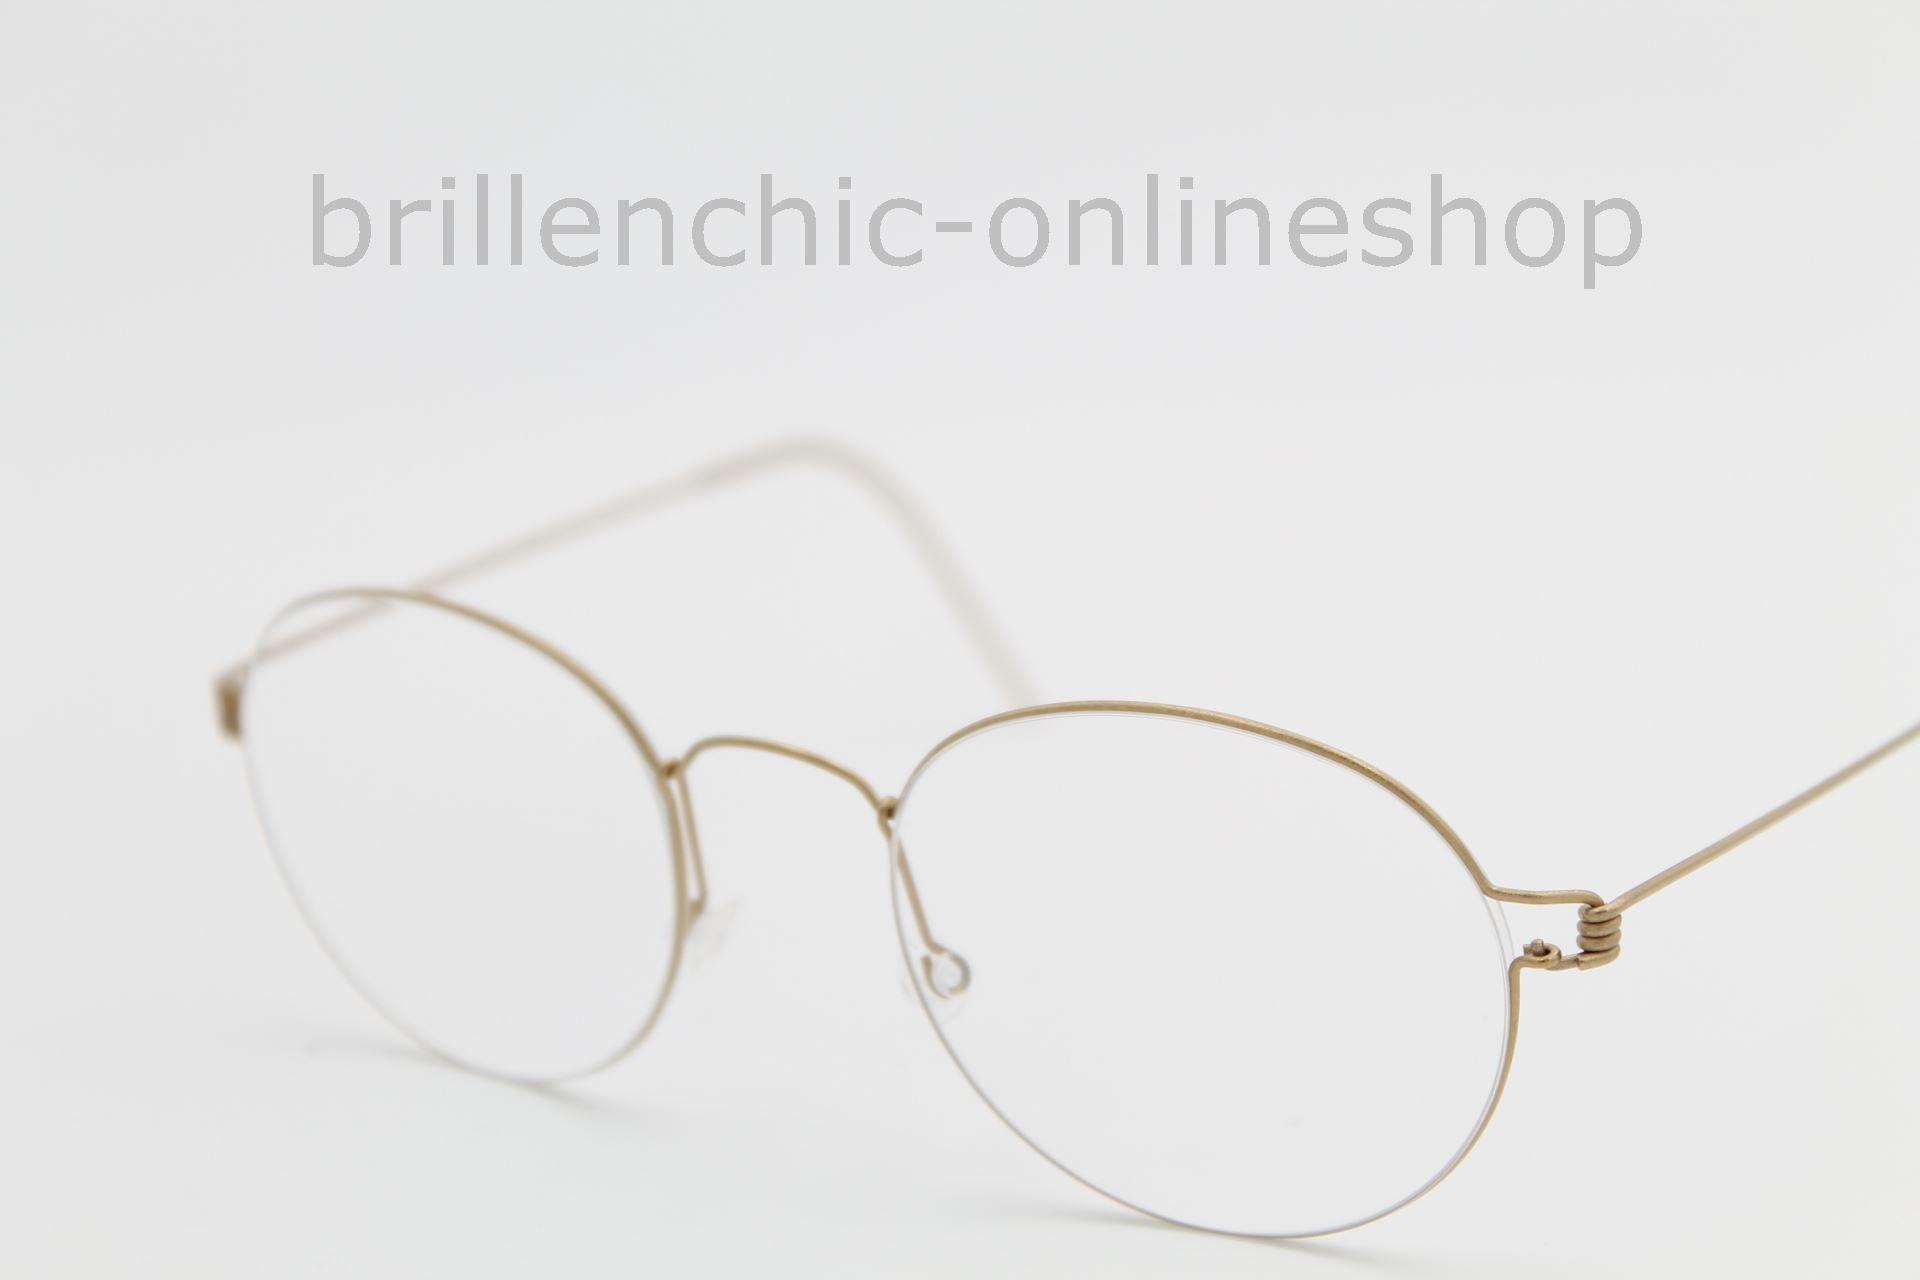 492e126b054 Brillenchic - onlineshop Berlin Ihr starker Partner für exklusive ...